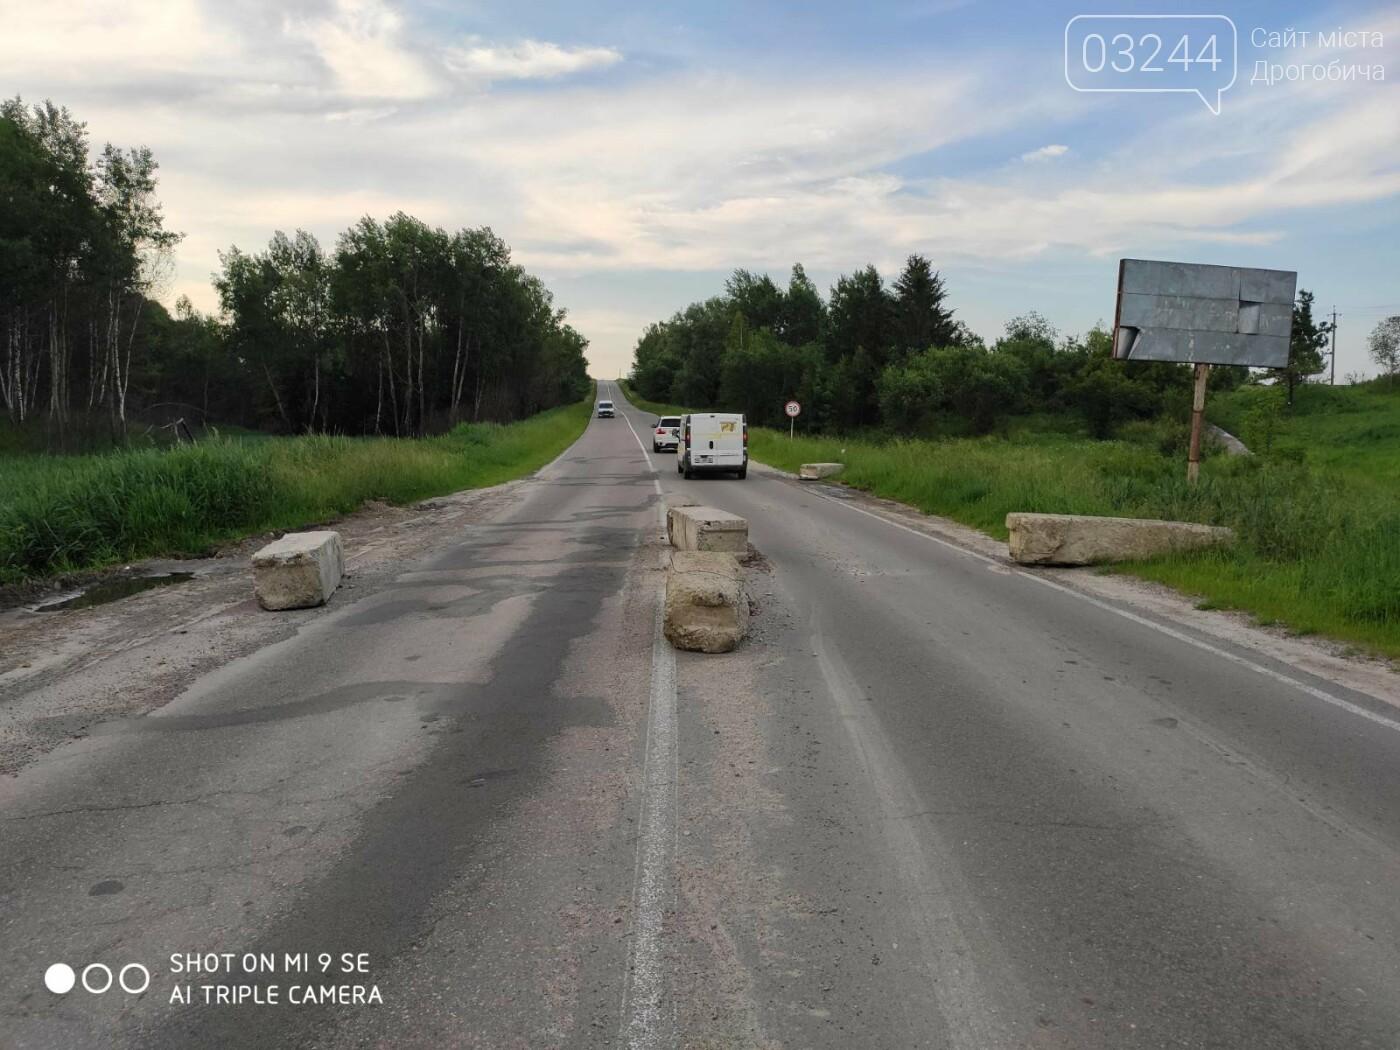 Дорога Дрогобич-Трускавець відкрита для транспорту: відсунуто блоки та шлагбаум. Однак, водіям слід бути обачними, фото-3